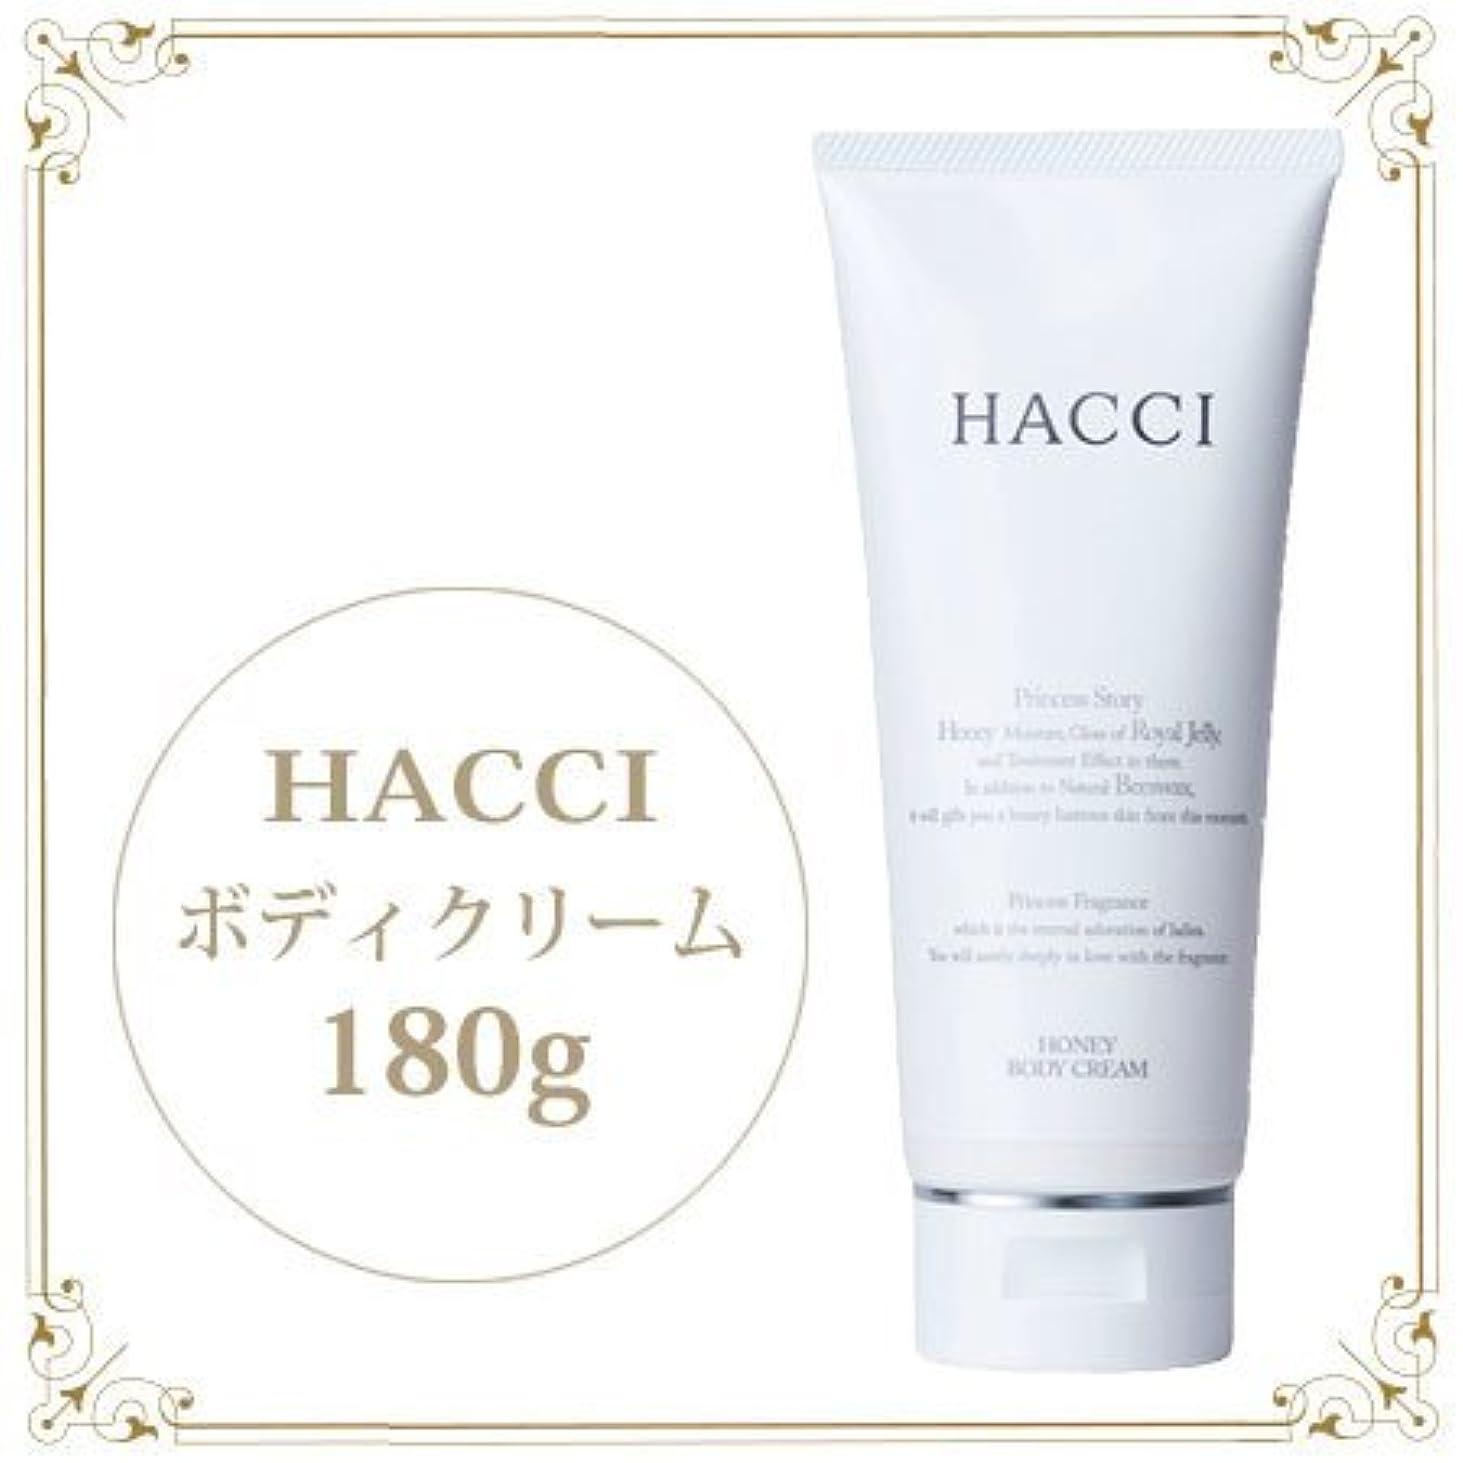 不道徳精巧な繕うハッチ ボディクリーム 180g -HACCI 1912-